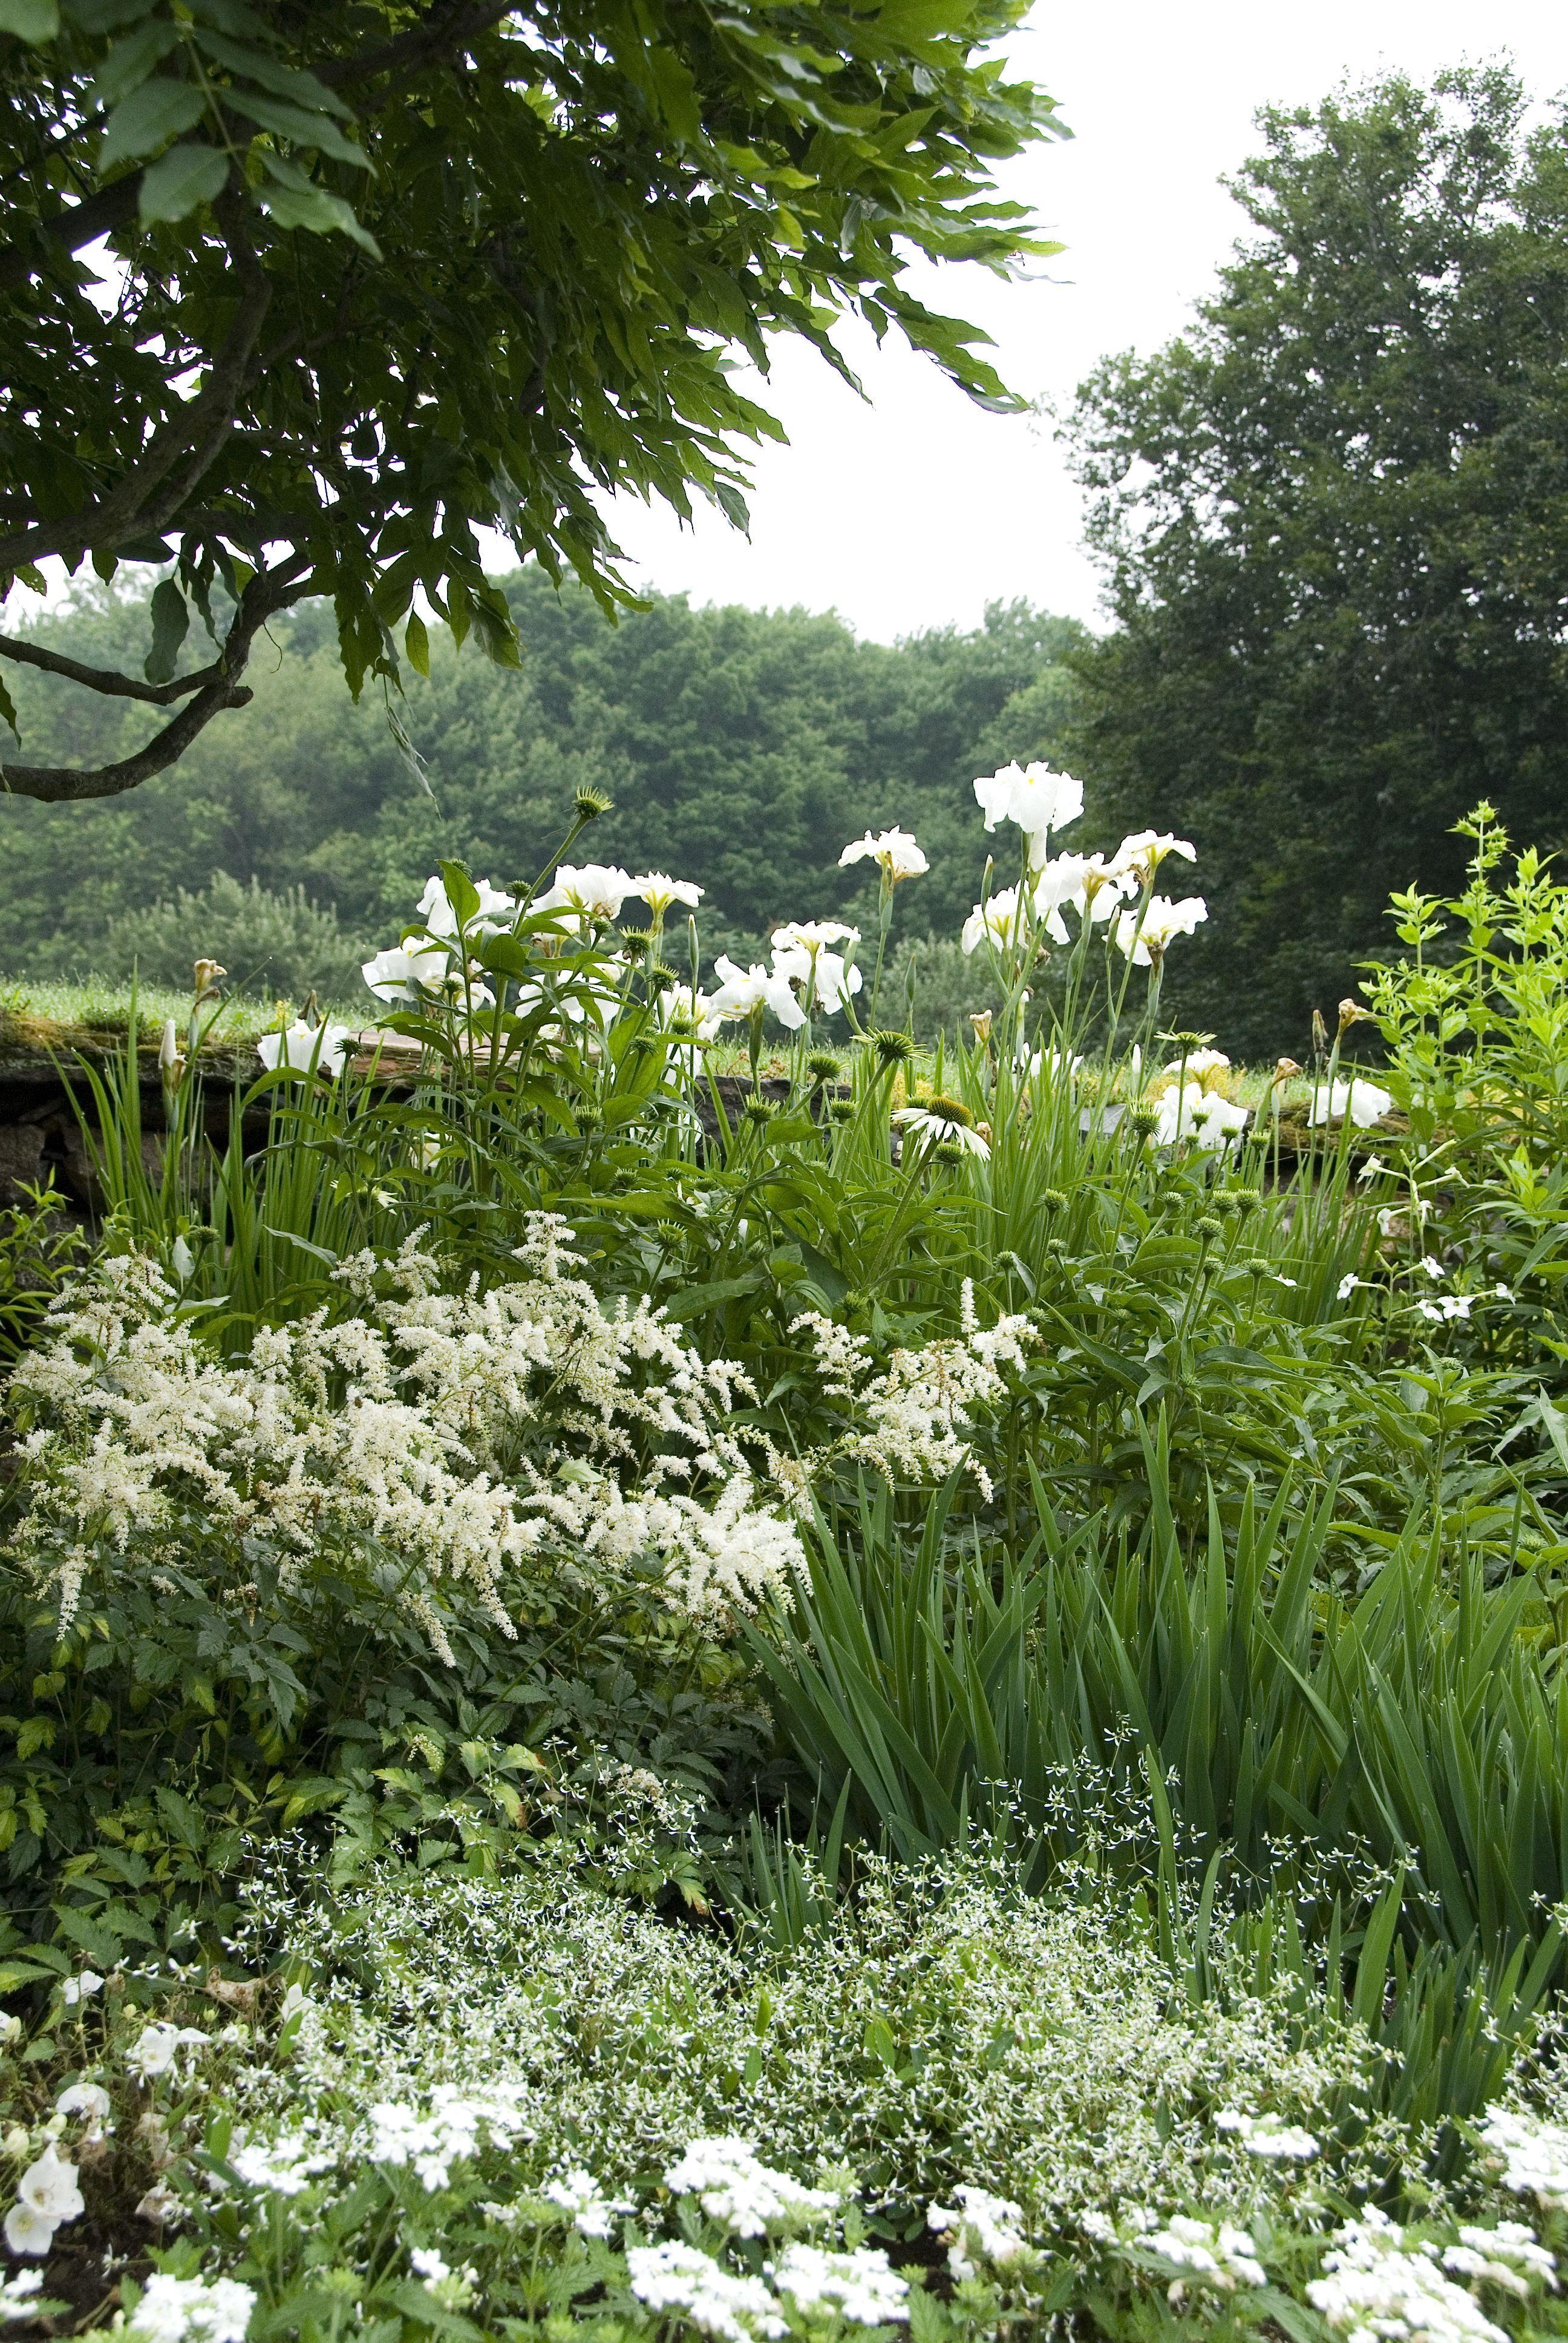 Iris Ensata Great White Heron Astilbe Euphorbia Diamond Frost